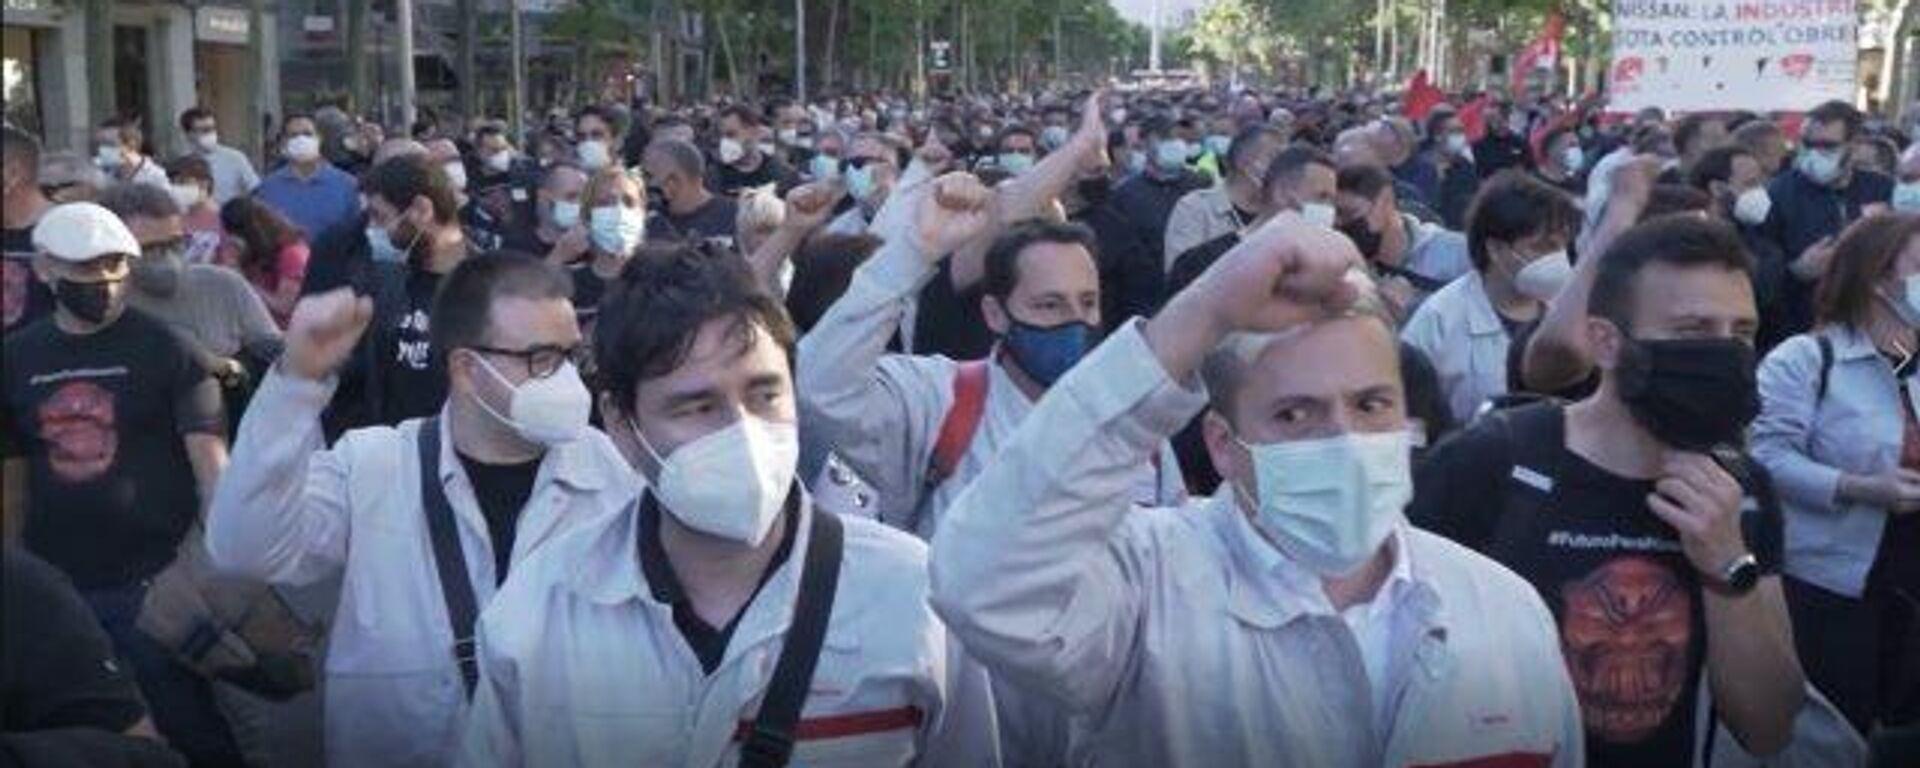 Cientos de empleados de Nissan protestan contra el cierre de las plantas de la compañía - Sputnik Mundo, 1920, 14.05.2021